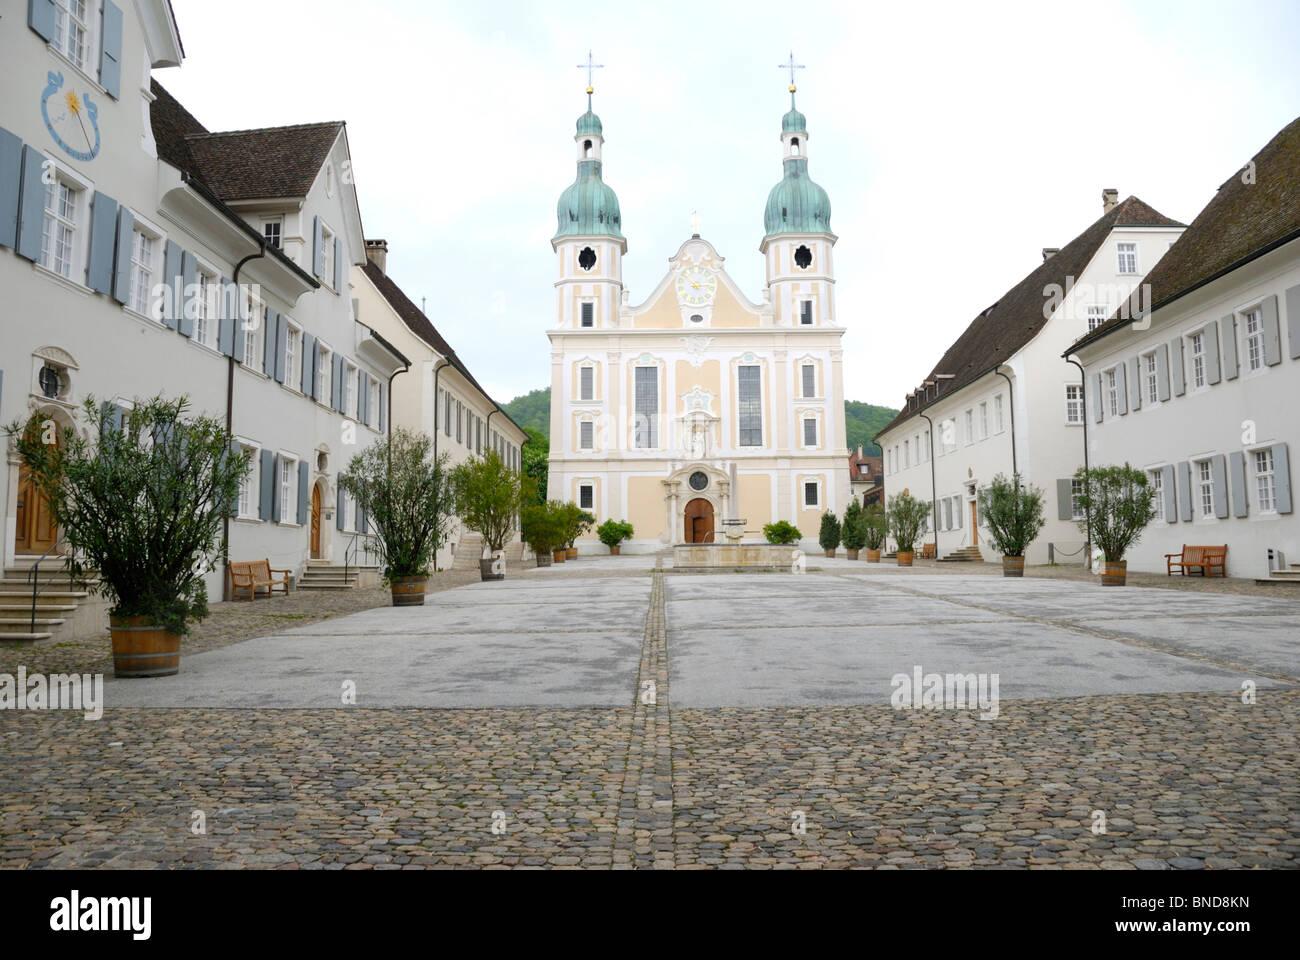 Dom und Domplatz, Arlesheim, Schweiz Stockbild